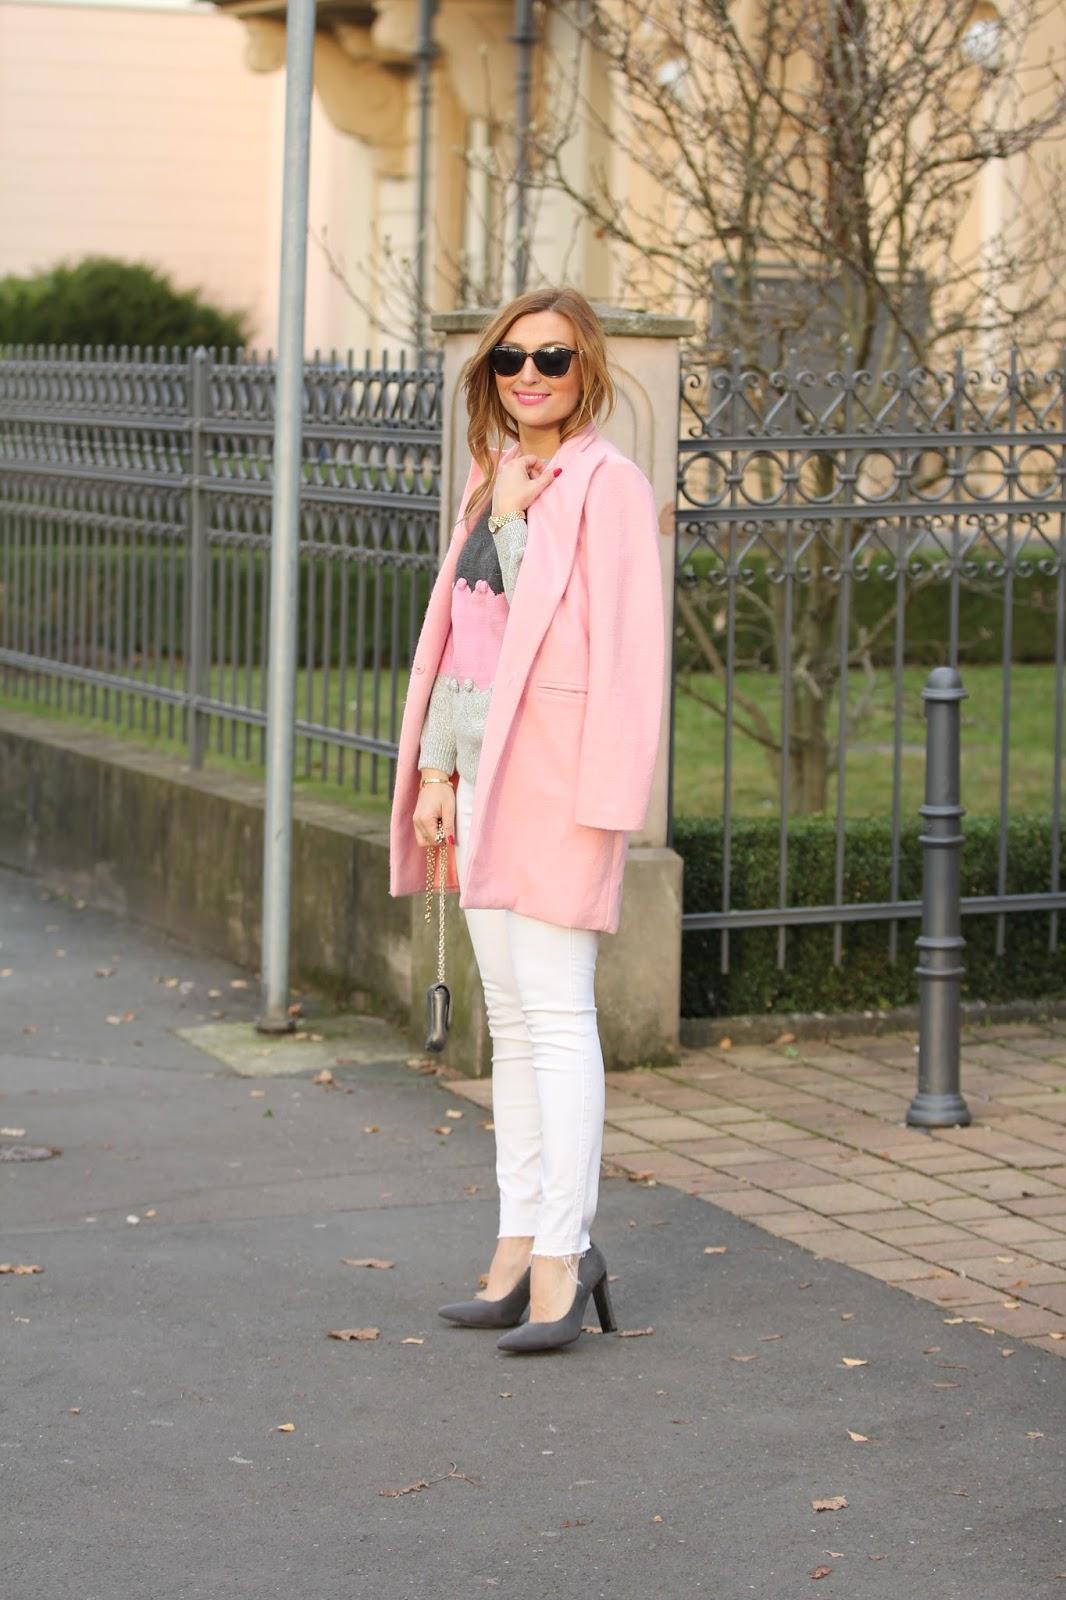 deutsche-fashionblogger-shein-sheinmantel-rosa-mantel-weiße-Hose